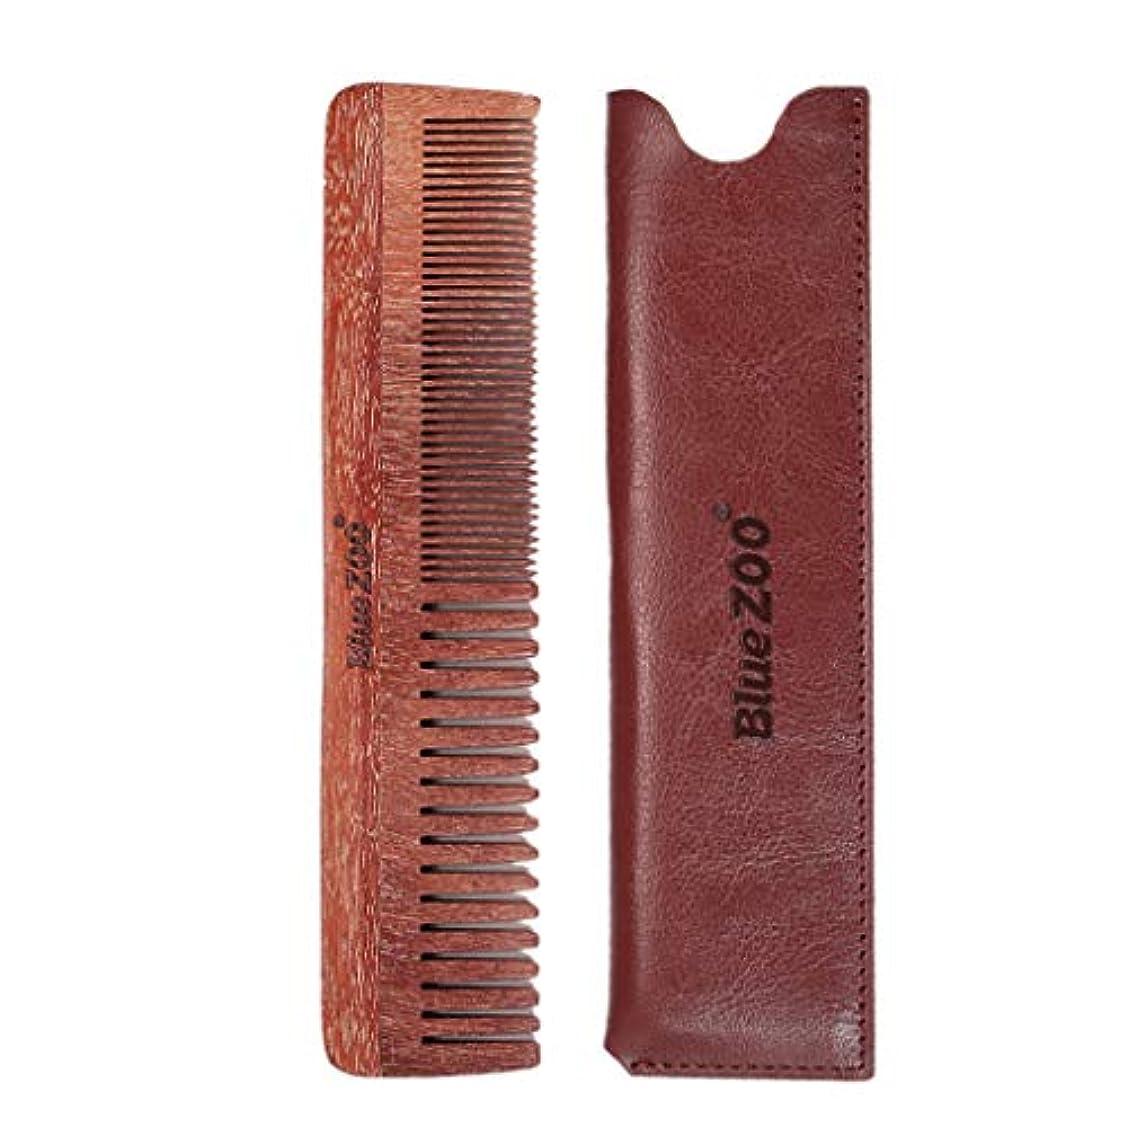 ハリウッド弱点ゆるいB Baosity ウッドコーム 口ひげ櫛 ダブルサイド メンズ プレゼント 2色選べ - 褐色